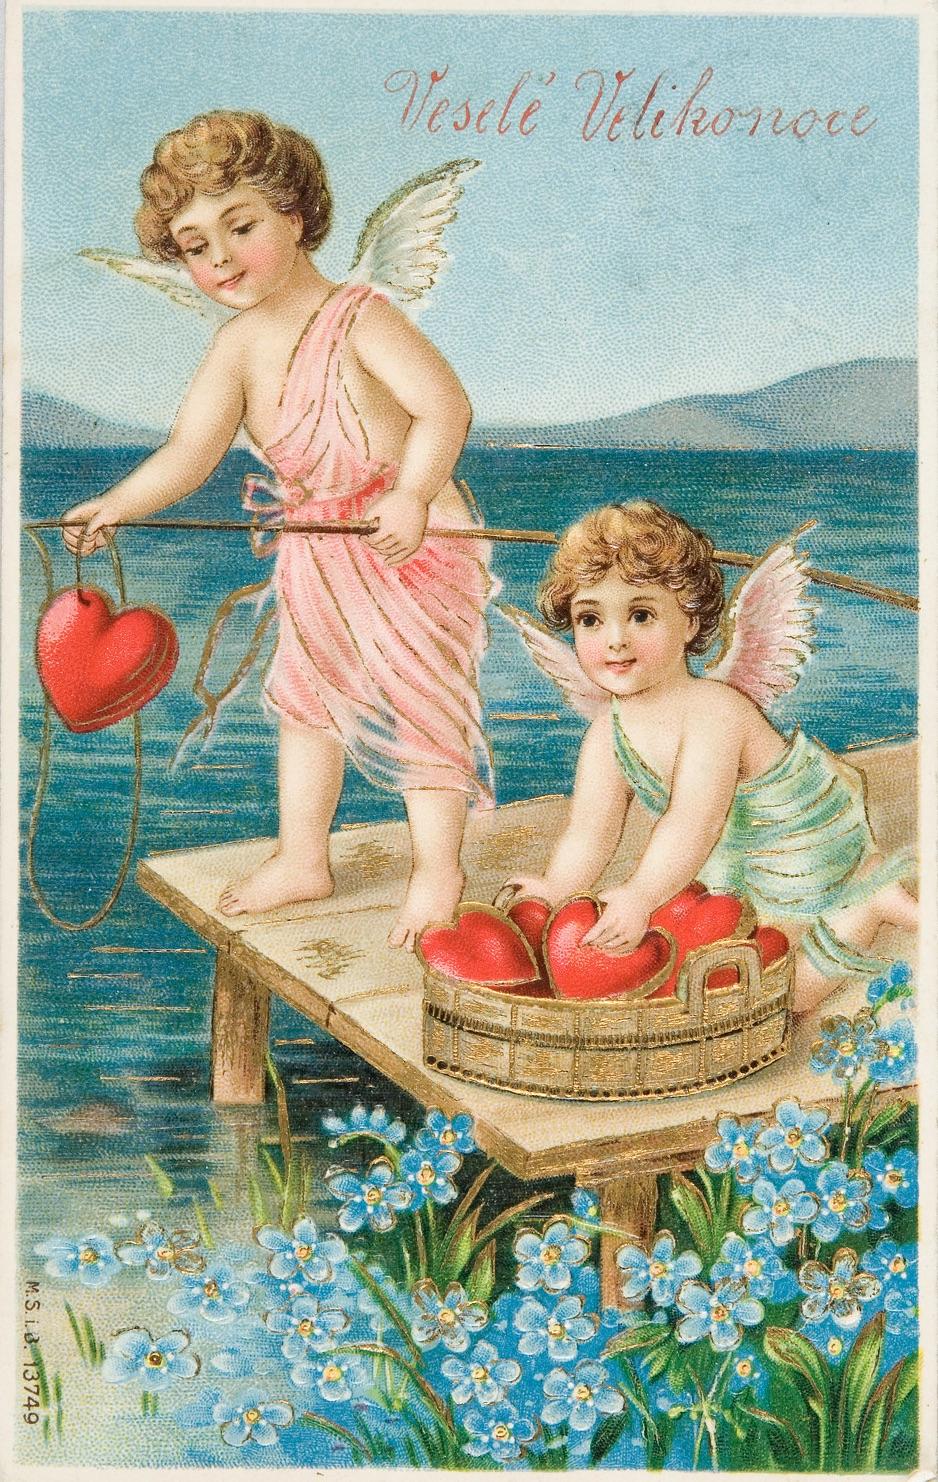 Dva andílcí loví z vody srdíčka. Nápis Veselé Velikonoce